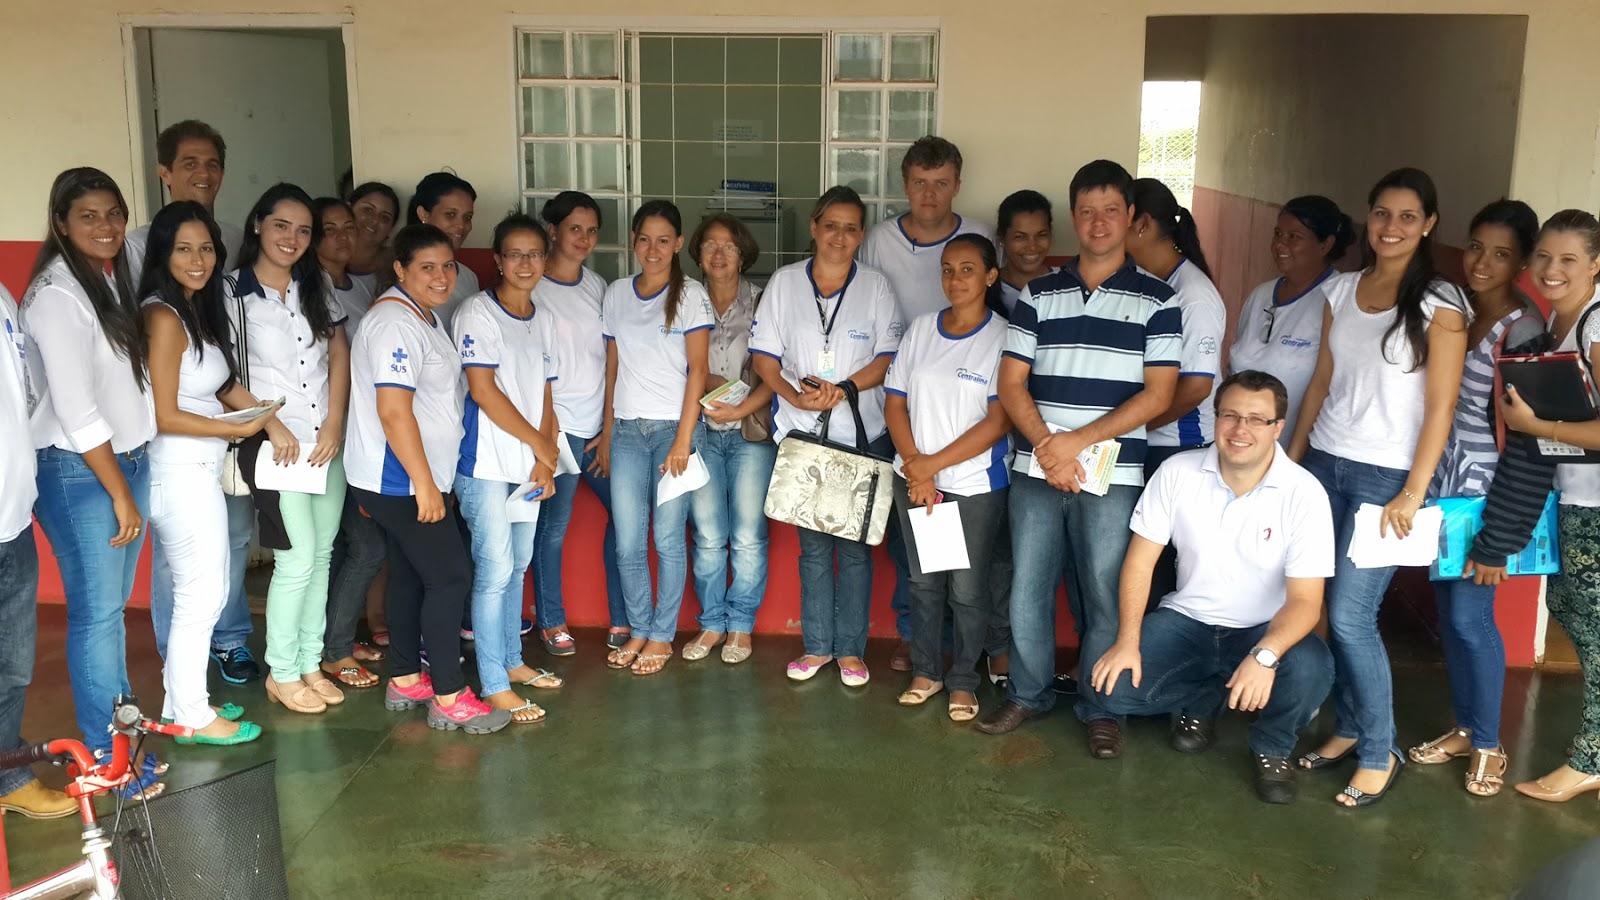 Equipe da Saúde participou do treinamento